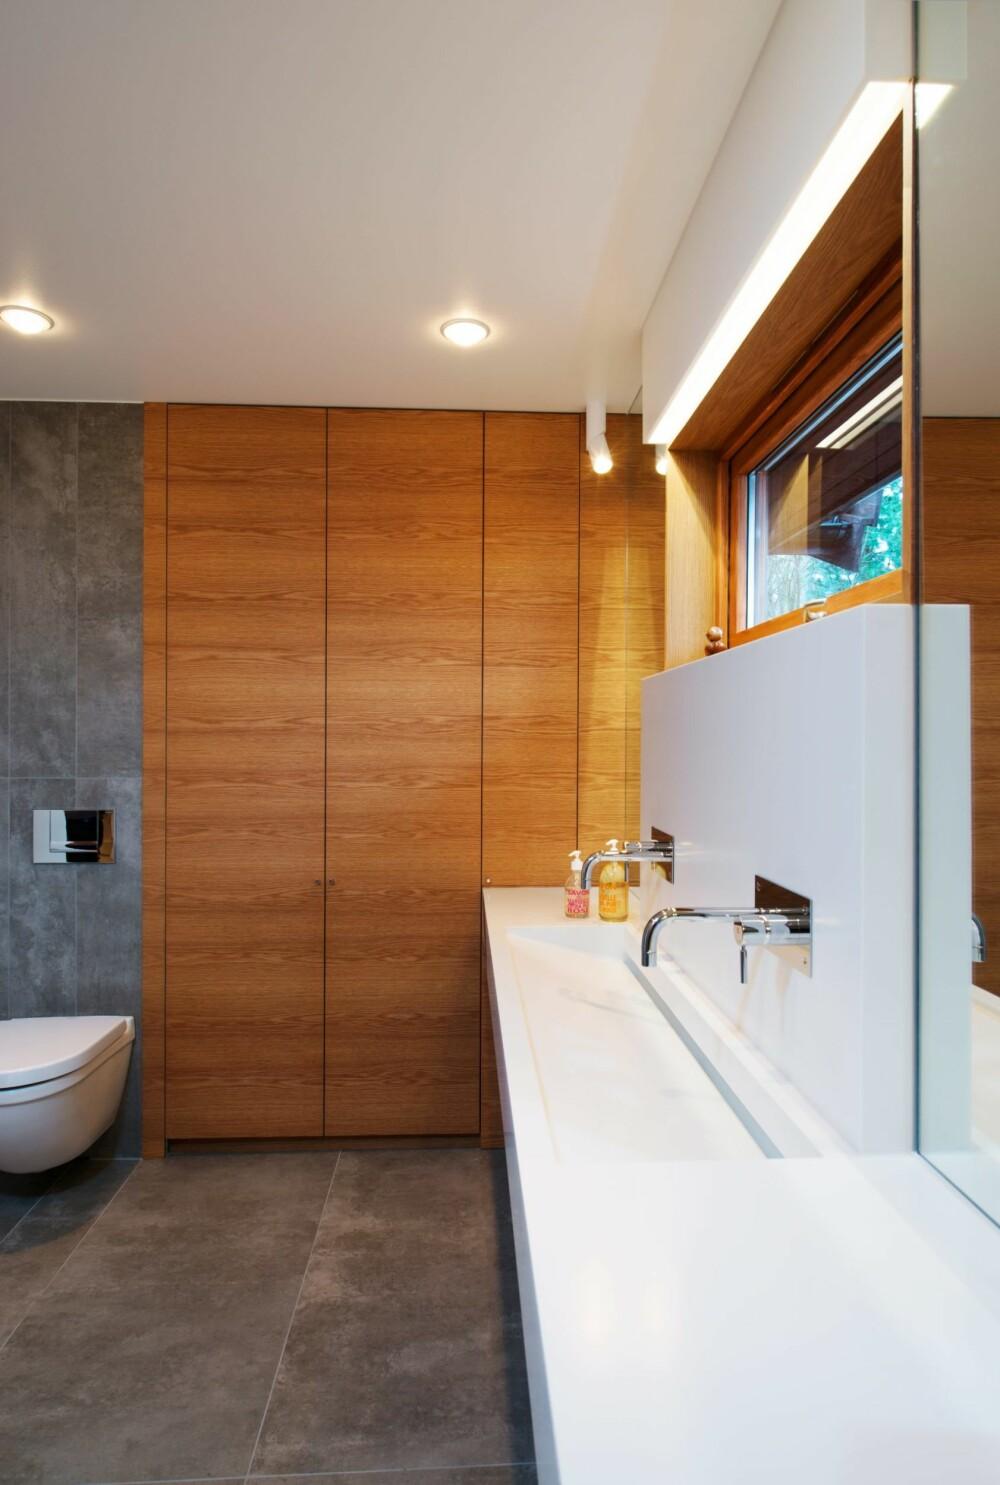 LØSNINGSORIENTERT: Vasken ble flyttet til innsiden av en yttervegg. Denne er for dårlig isolert til å tåle at vannledende rør legges inn i den. Etterisolering ville tatt av rommets areal. I stedet designet interiørarkitekten en pen armaturkasse som holder rørløsningen inne i rommet. Det var derfor ikke nødvendig å ta hensyn til veggtykkelse og isolasjon. Vasken og armaturkasse er i Corian. Det samme er lyskassen over vinduet. Skapene har Svein montert selv, de er i eikefinert MDF, produsert av Jøndal & Hoff, se jondaloghoff.no. Rørlegger-, elektriker- og flisleggerarbeid er utført av Mellem og Martinsen.